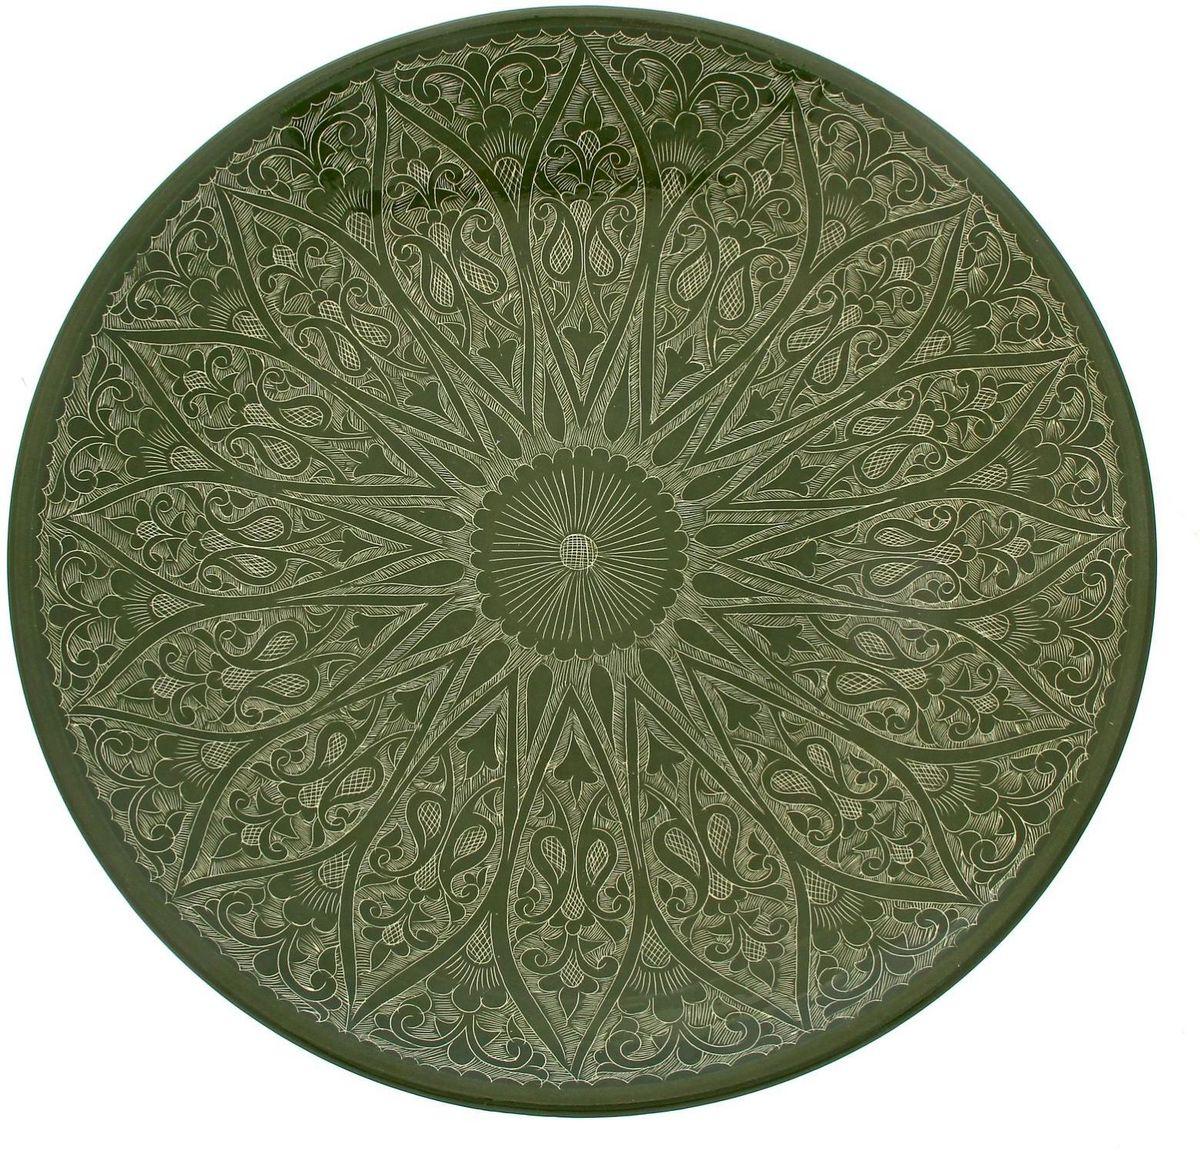 Ляган Риштанская керамика, диаметр 41 см. 19234581923458Ляган — это не просто обеденный атрибут, это украшение стола. Посуда с национальной росписью станет отменным подарком для ценителей высокородной посуды.Риштан — город на востоке Узбекистана, один из древнейших в Ферганской долине. С давних времён Риштан славится своим гончарным искусством изготовления цветной керамики. Красноватую глину для изделия добывают в самом городе. Мастера утверждают, что их глина настолько высокого качества, что даже не нуждается в предварительной обработке. Дополните коллекцию кухонных аксессуаров пряными восточными нотами.